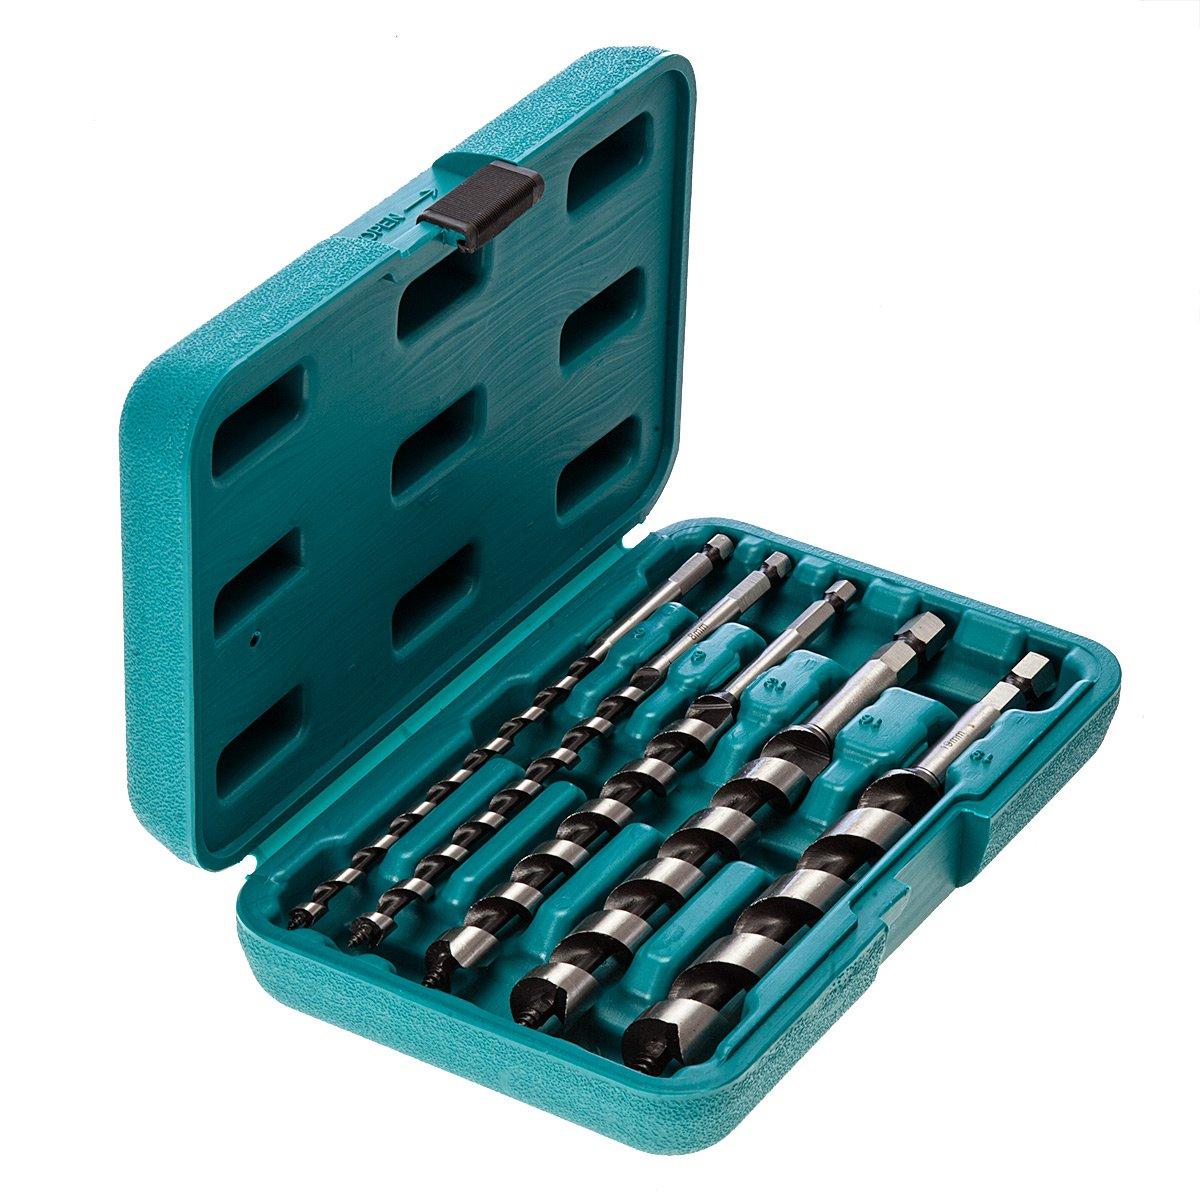 Makita P-46464 200 mm Allen norma DIN juego de broca (5 piezas)